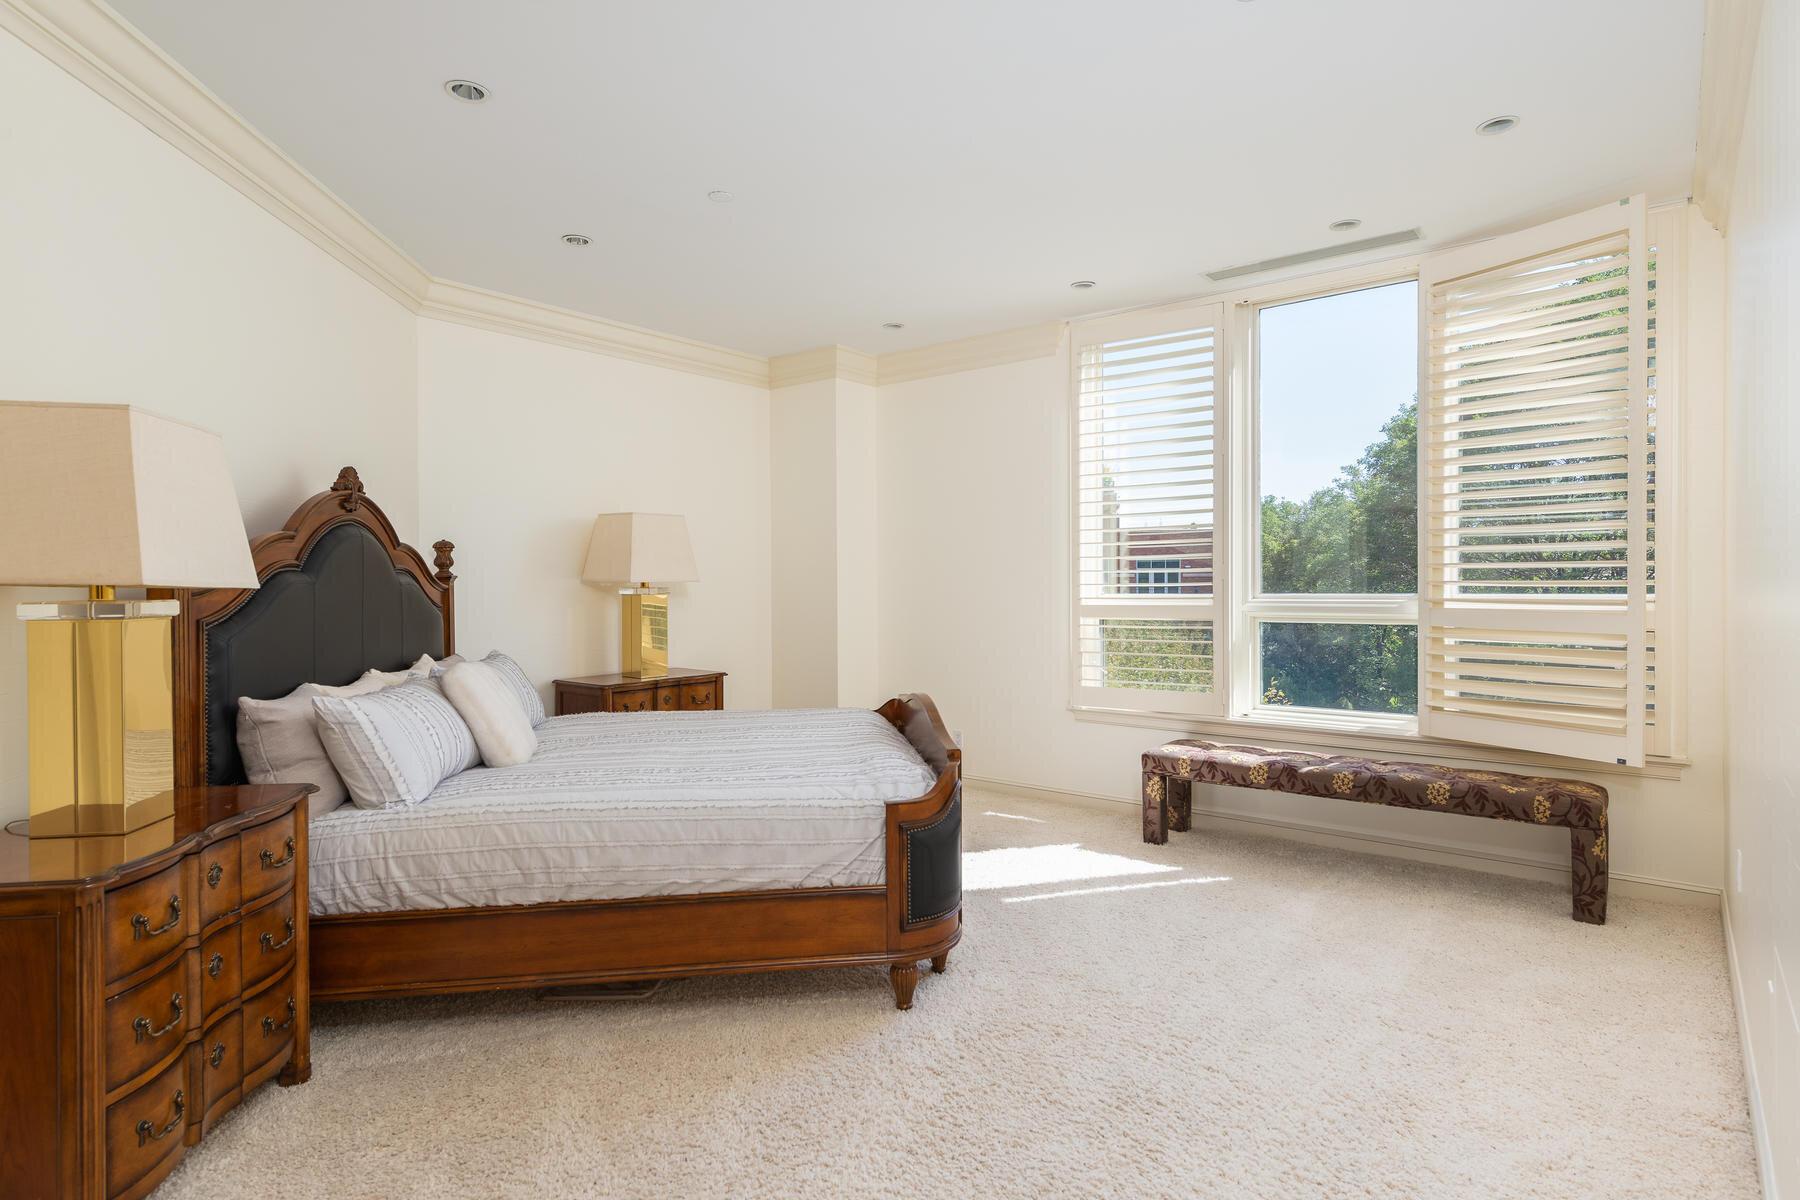 2400 Cherry Creek S Drive 308-029-091-Bedroom-MLS_Size.jpg